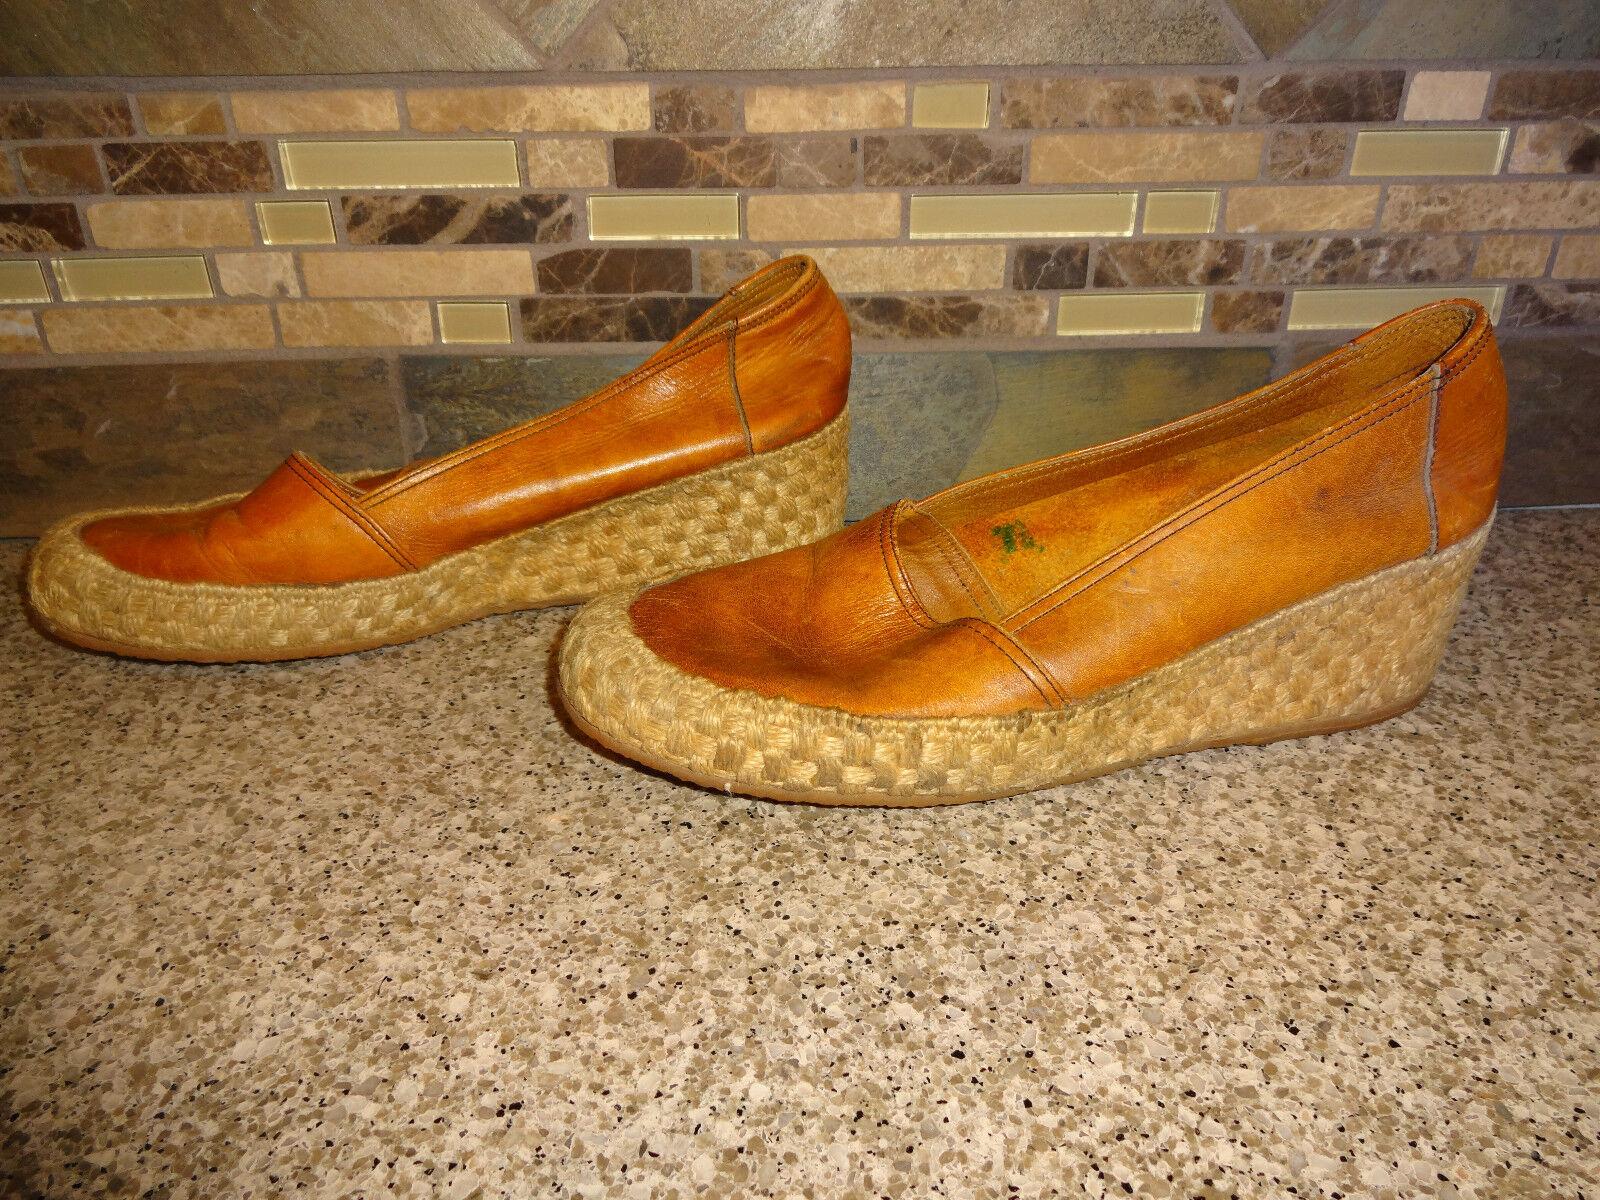 Vintage Damenschuhe Leder Sz 7.5B Camel Braun Leder Damenschuhe Wedge Heels Schuhes Made in Brazil ca9203